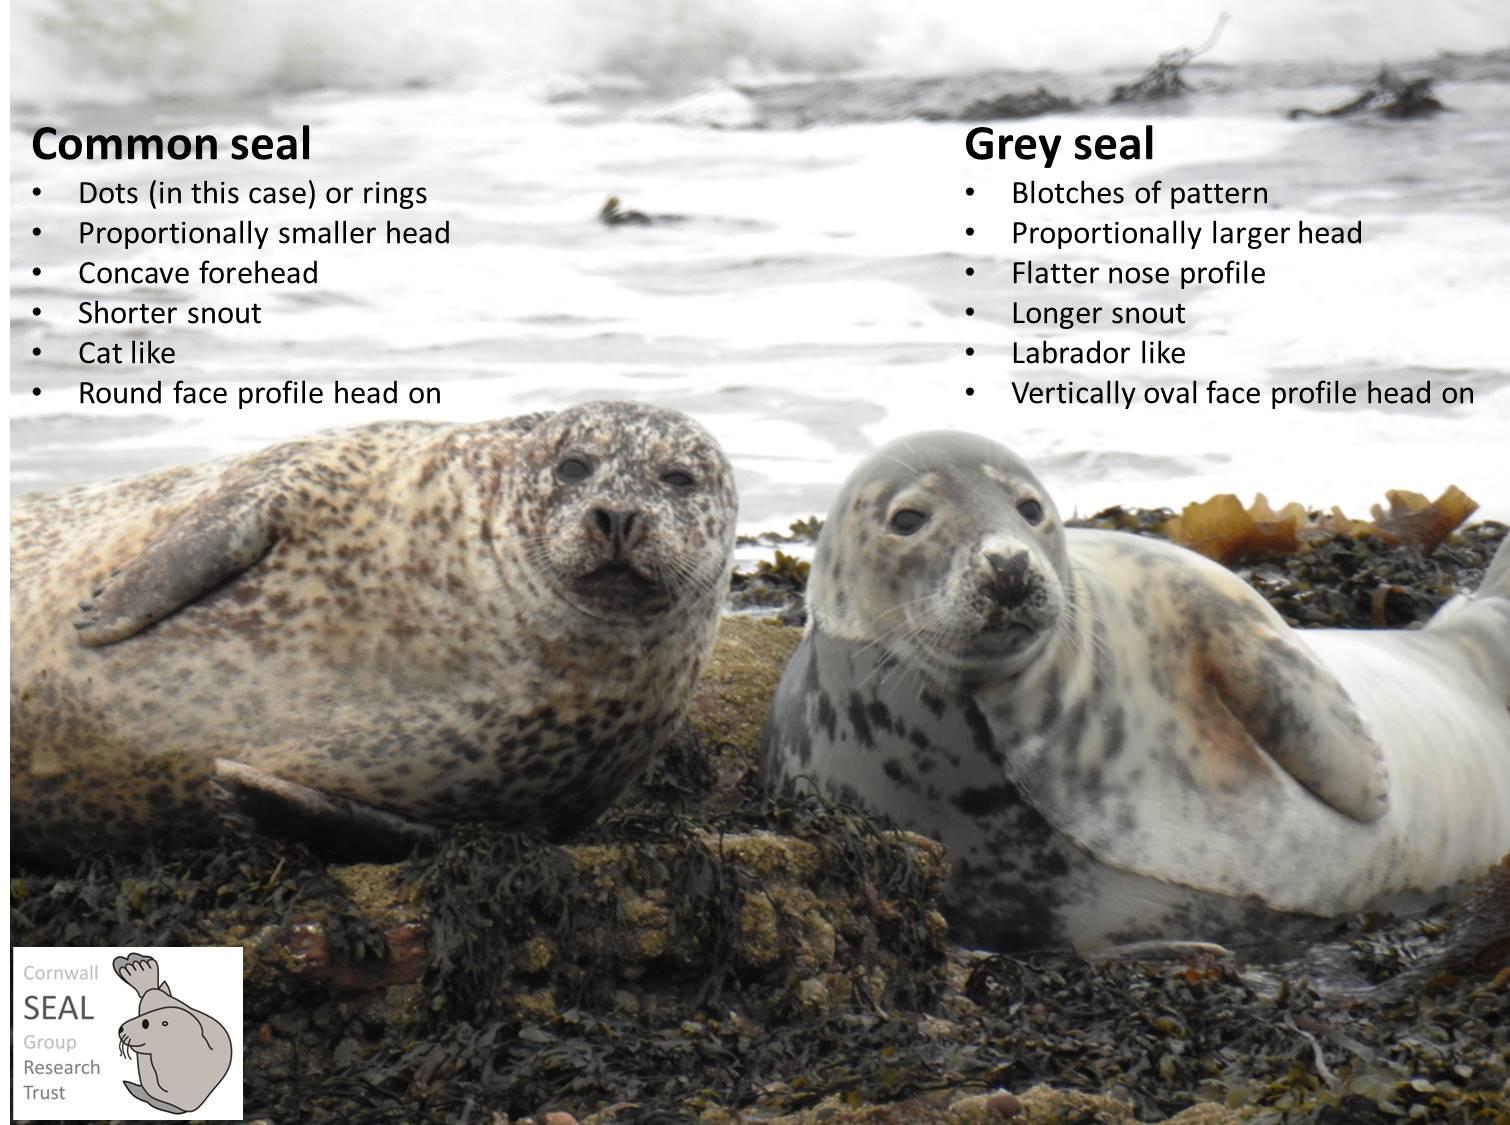 how to get a comoon seal in queensland